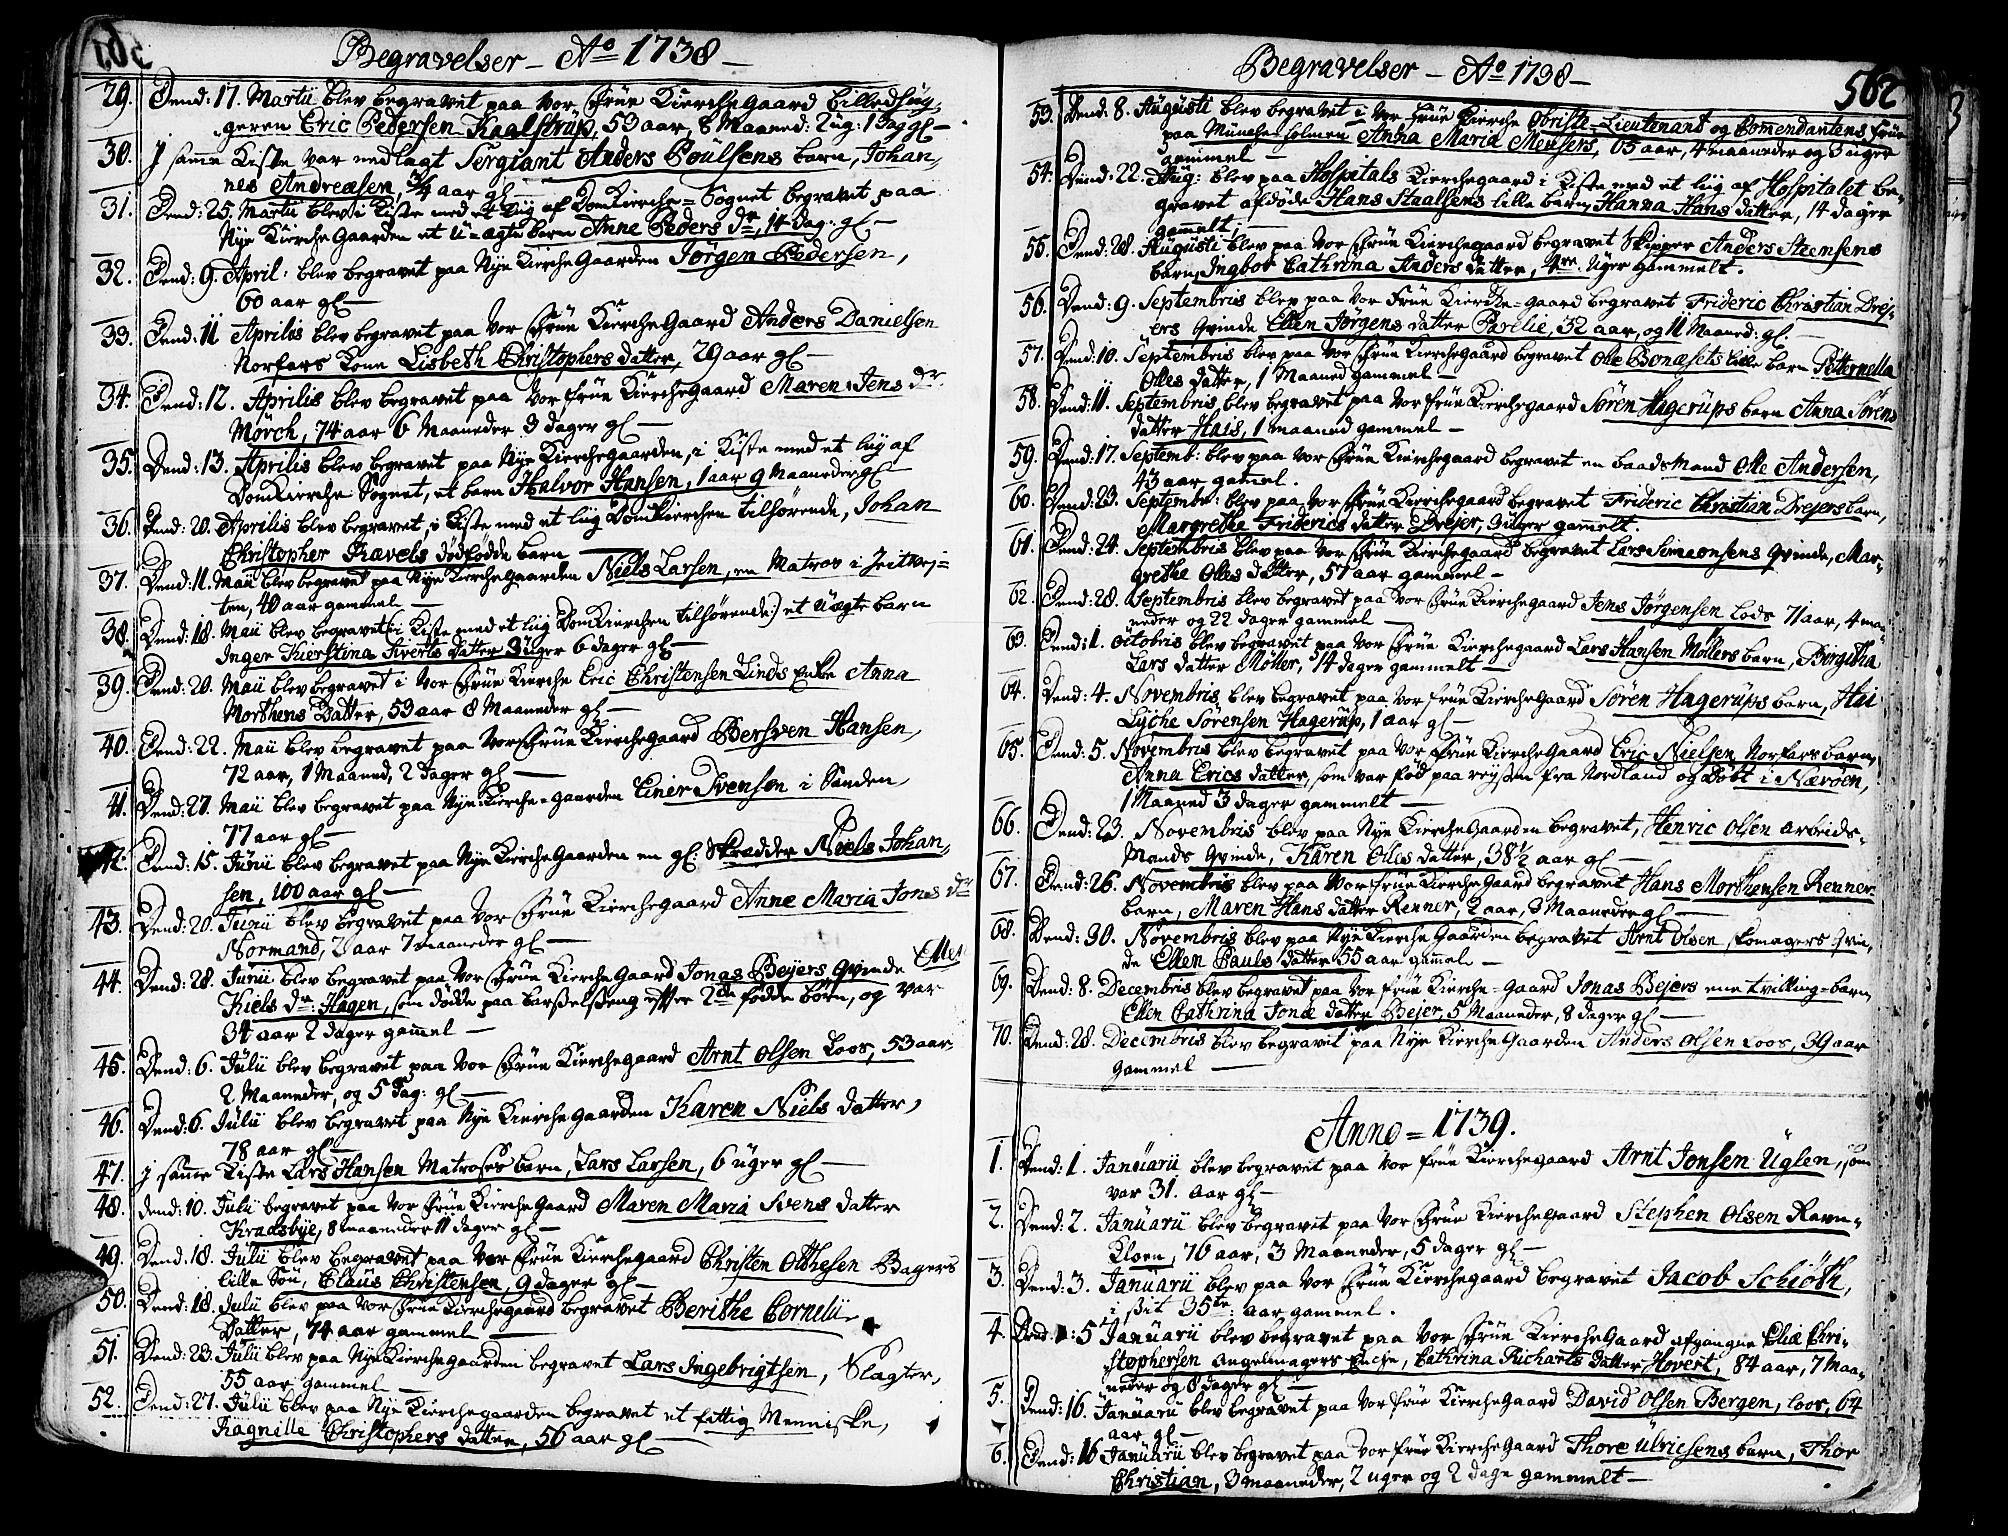 SAT, Ministerialprotokoller, klokkerbøker og fødselsregistre - Sør-Trøndelag, 602/L0103: Ministerialbok nr. 602A01, 1732-1774, s. 562